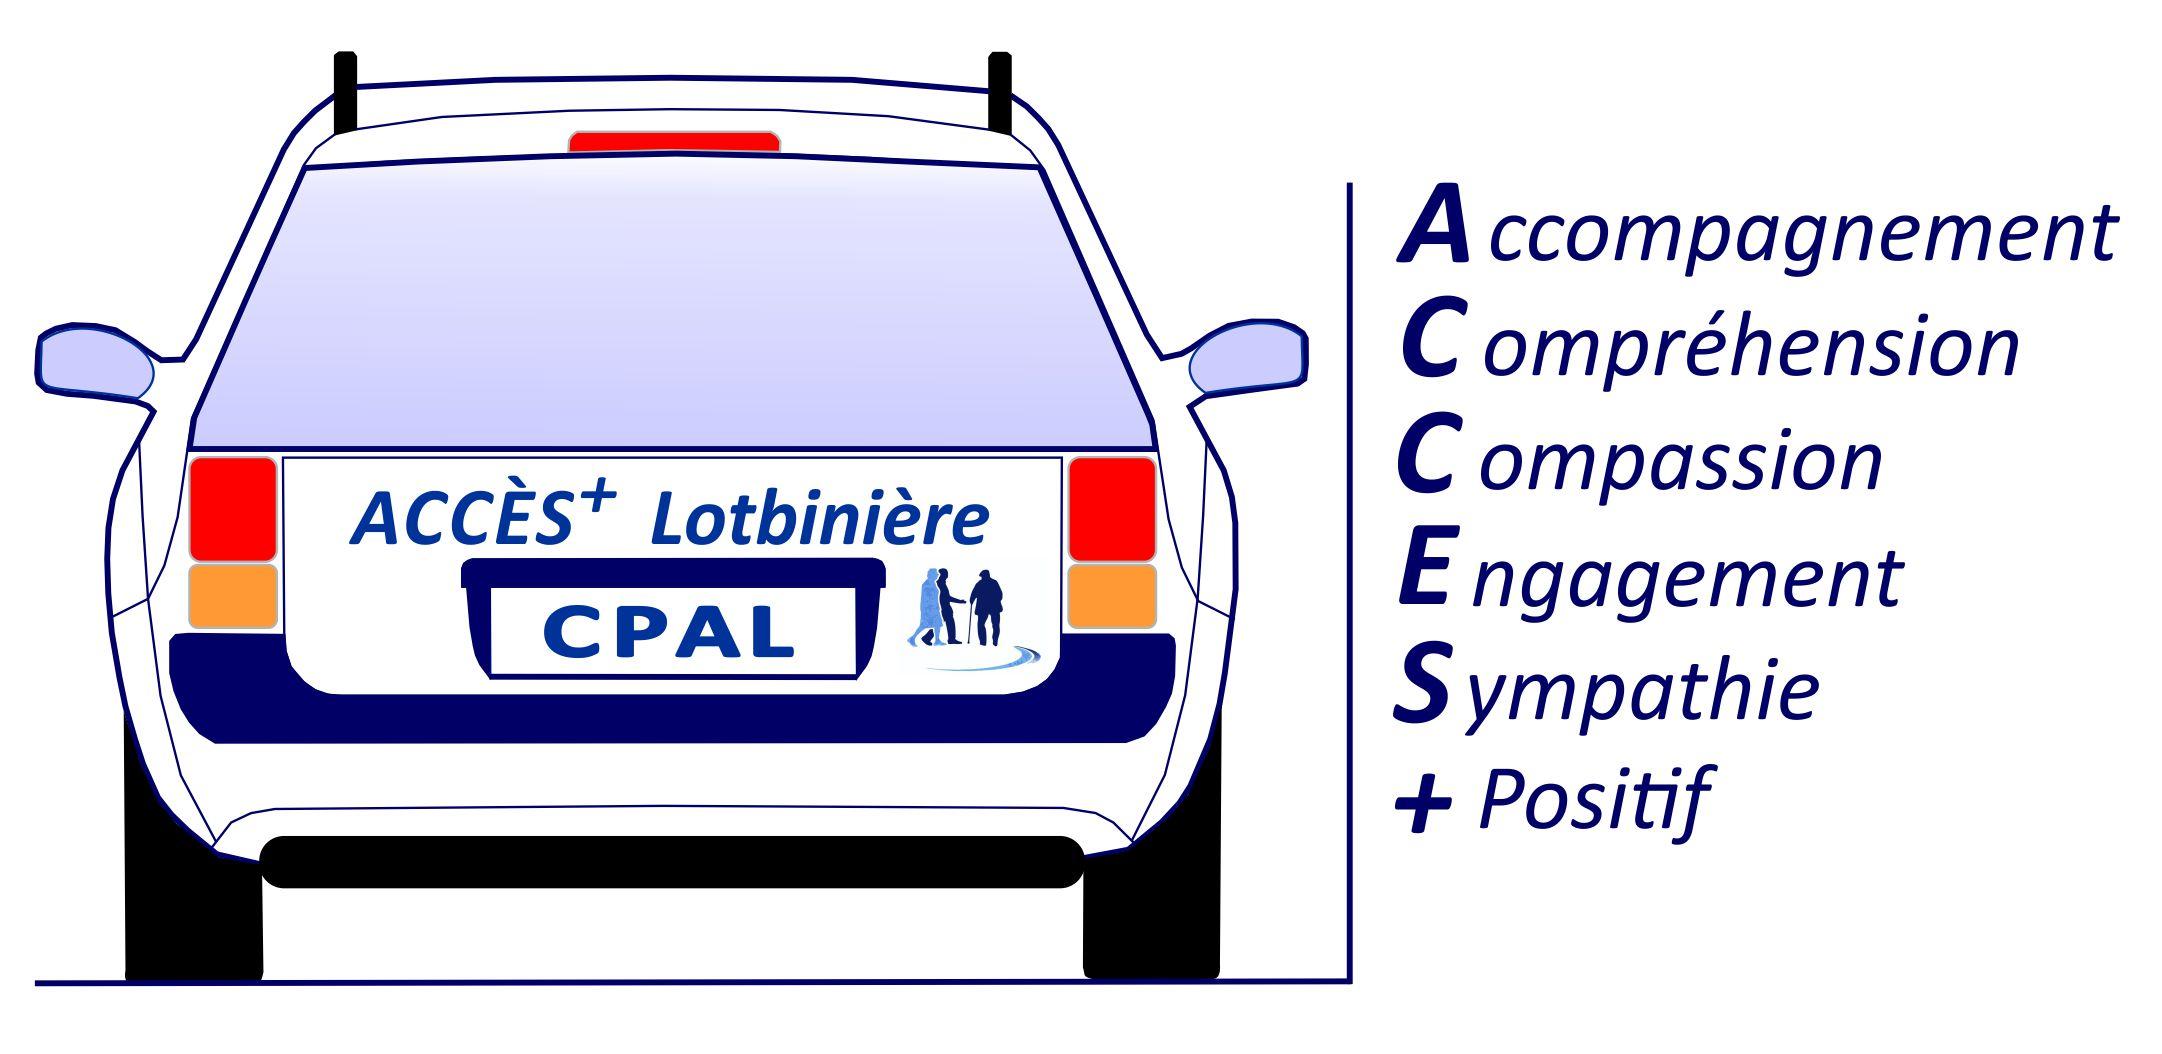 Accès+ | CPA Lotbinière